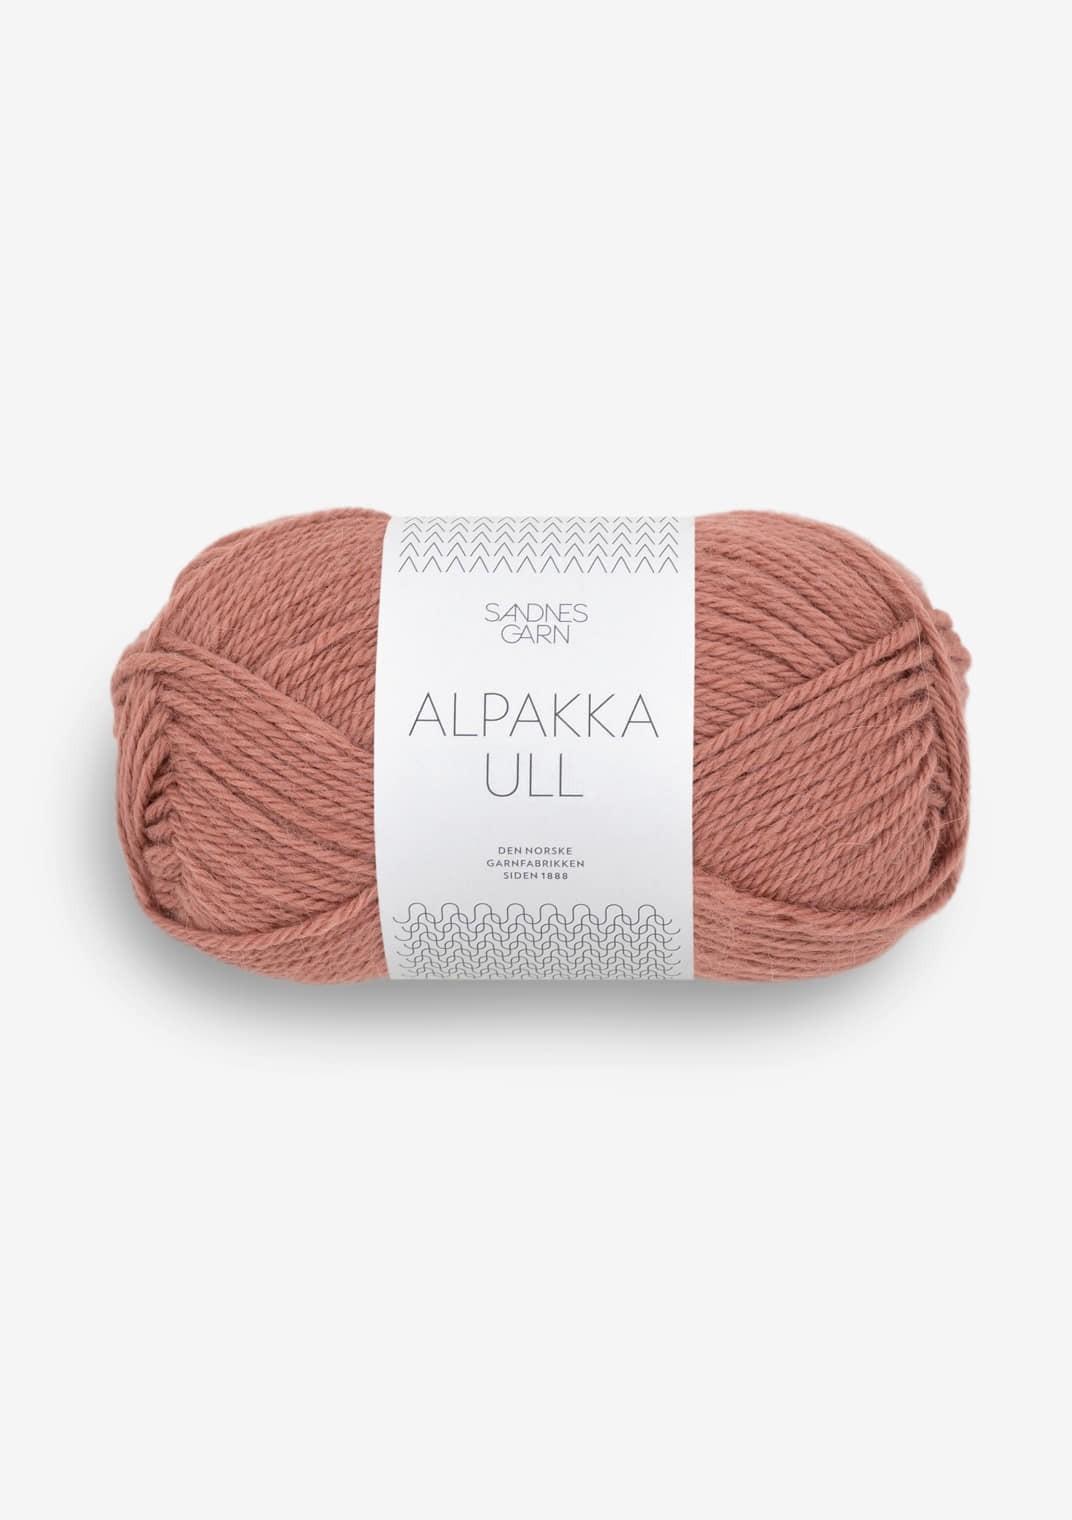 3553 Støvet plommerosa Alpakka Ull